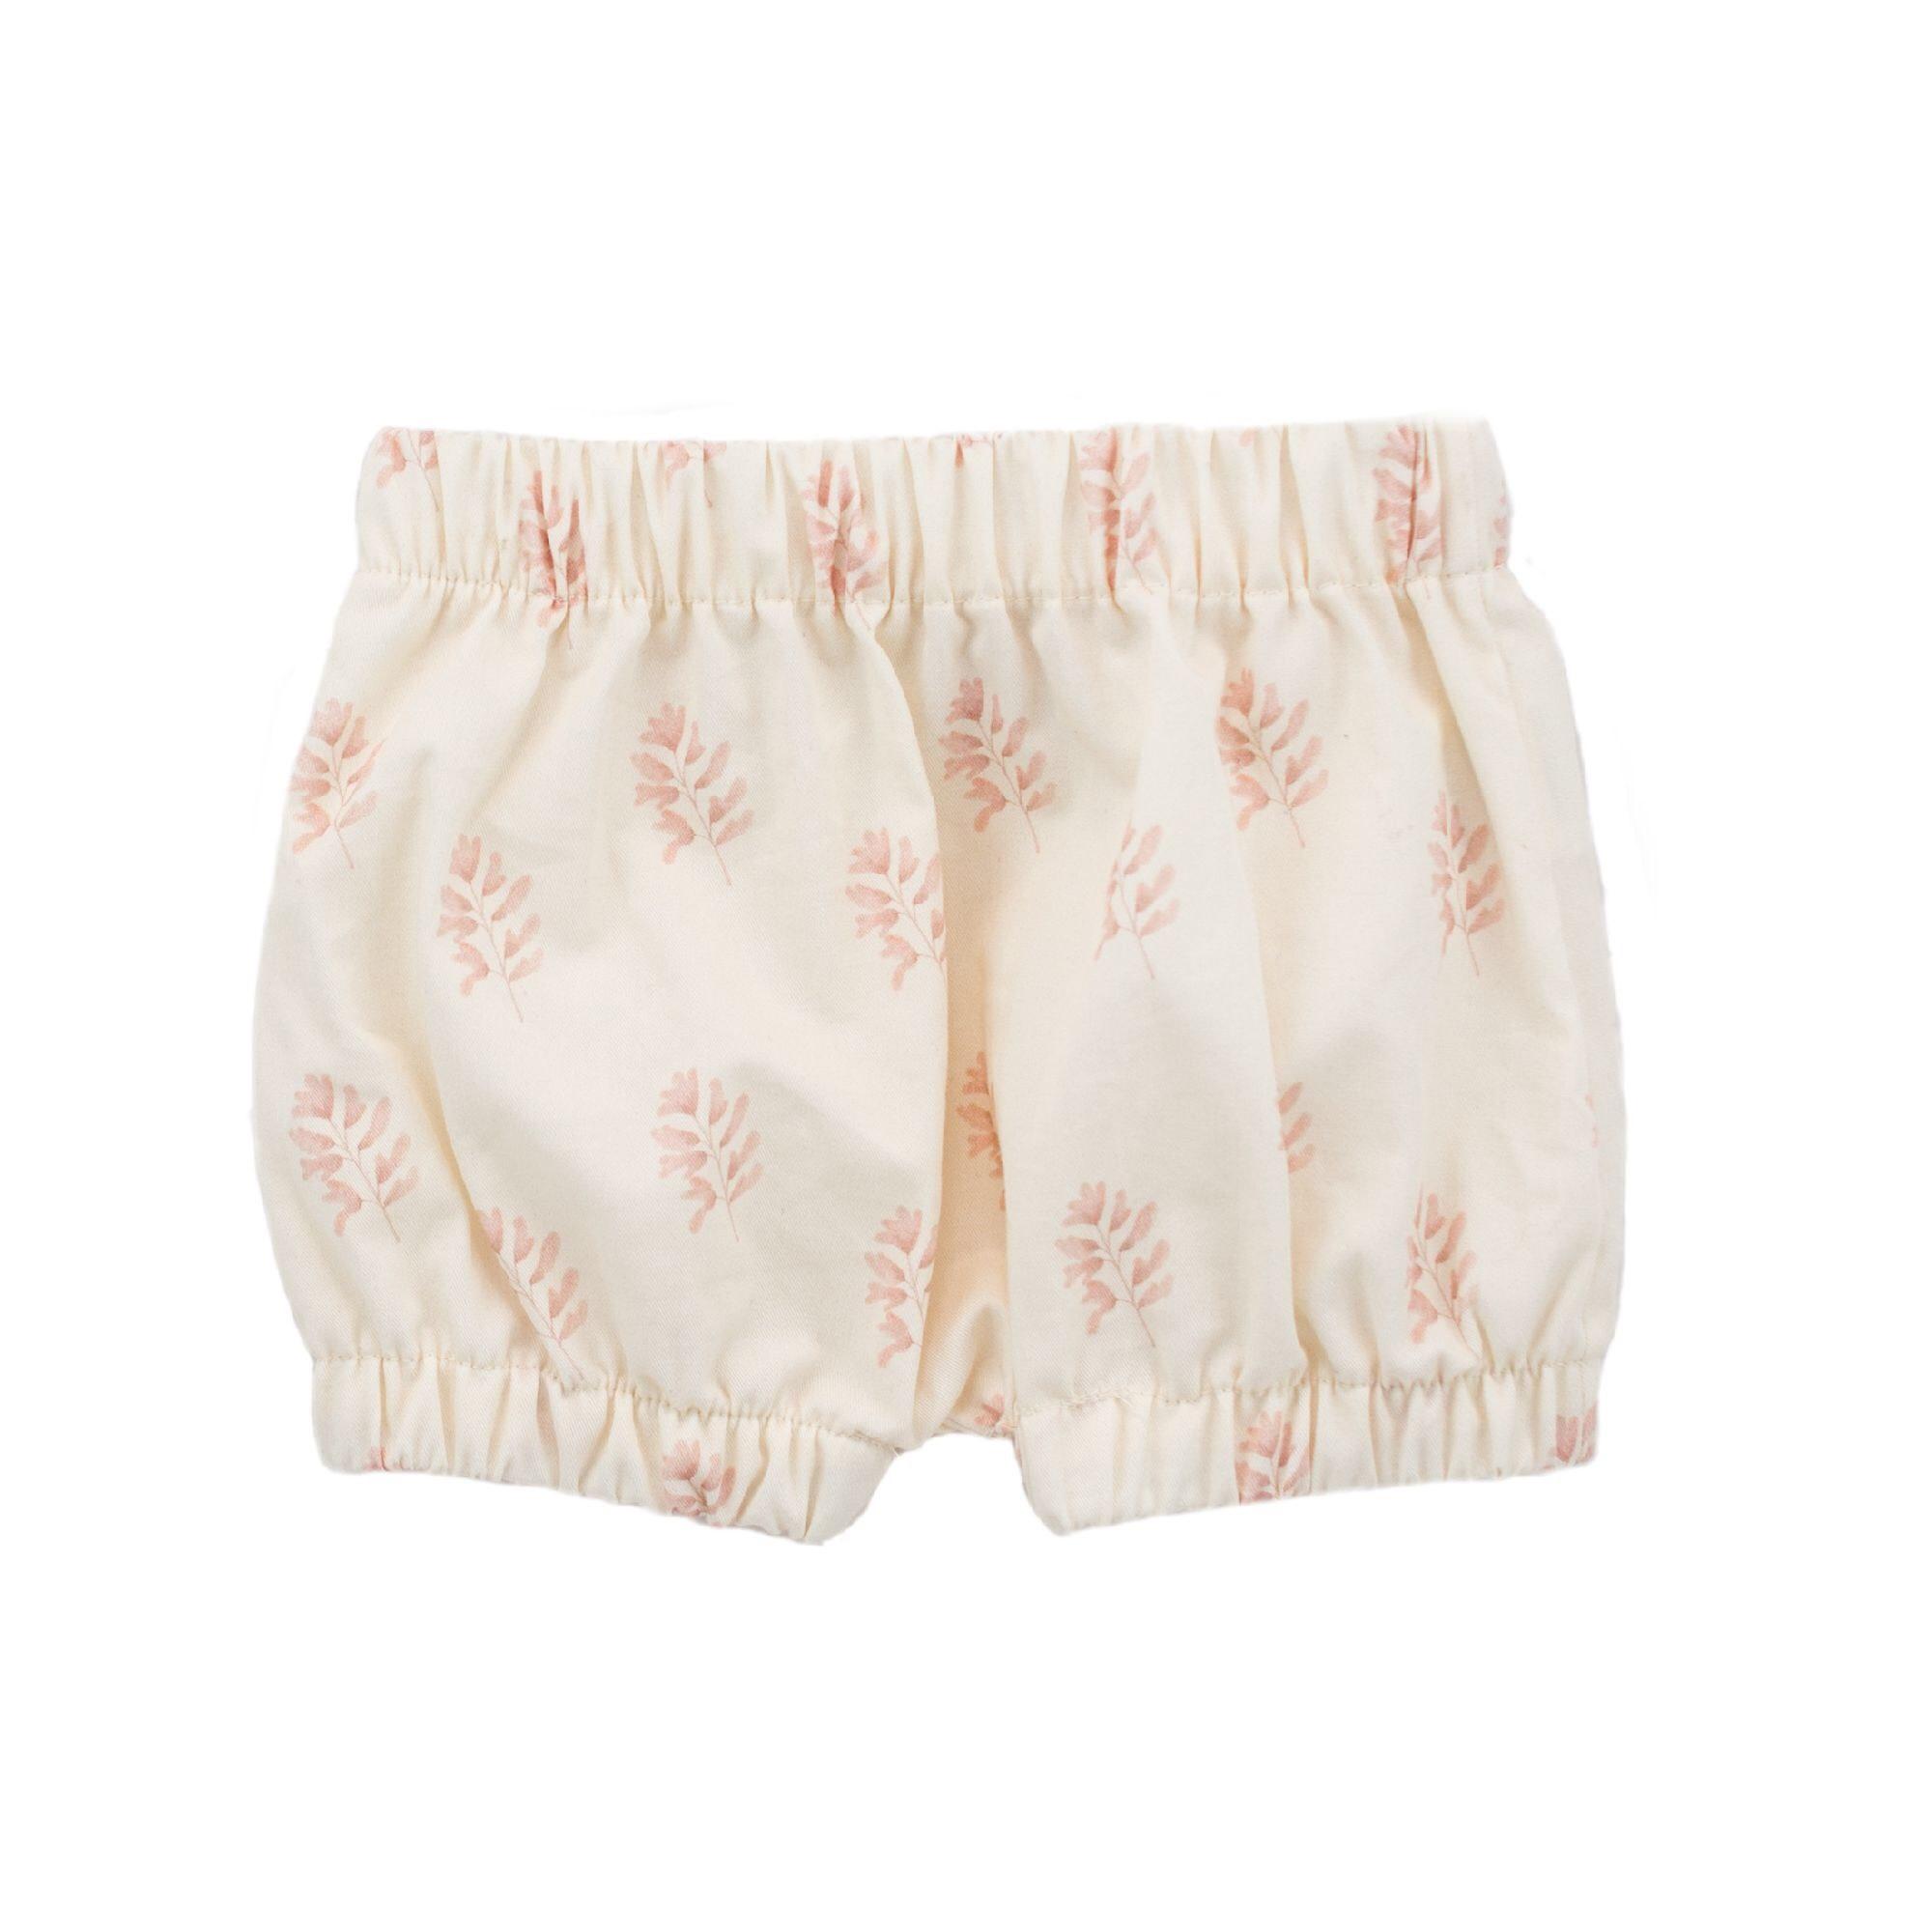 Bajoue Pompano Cotton Short